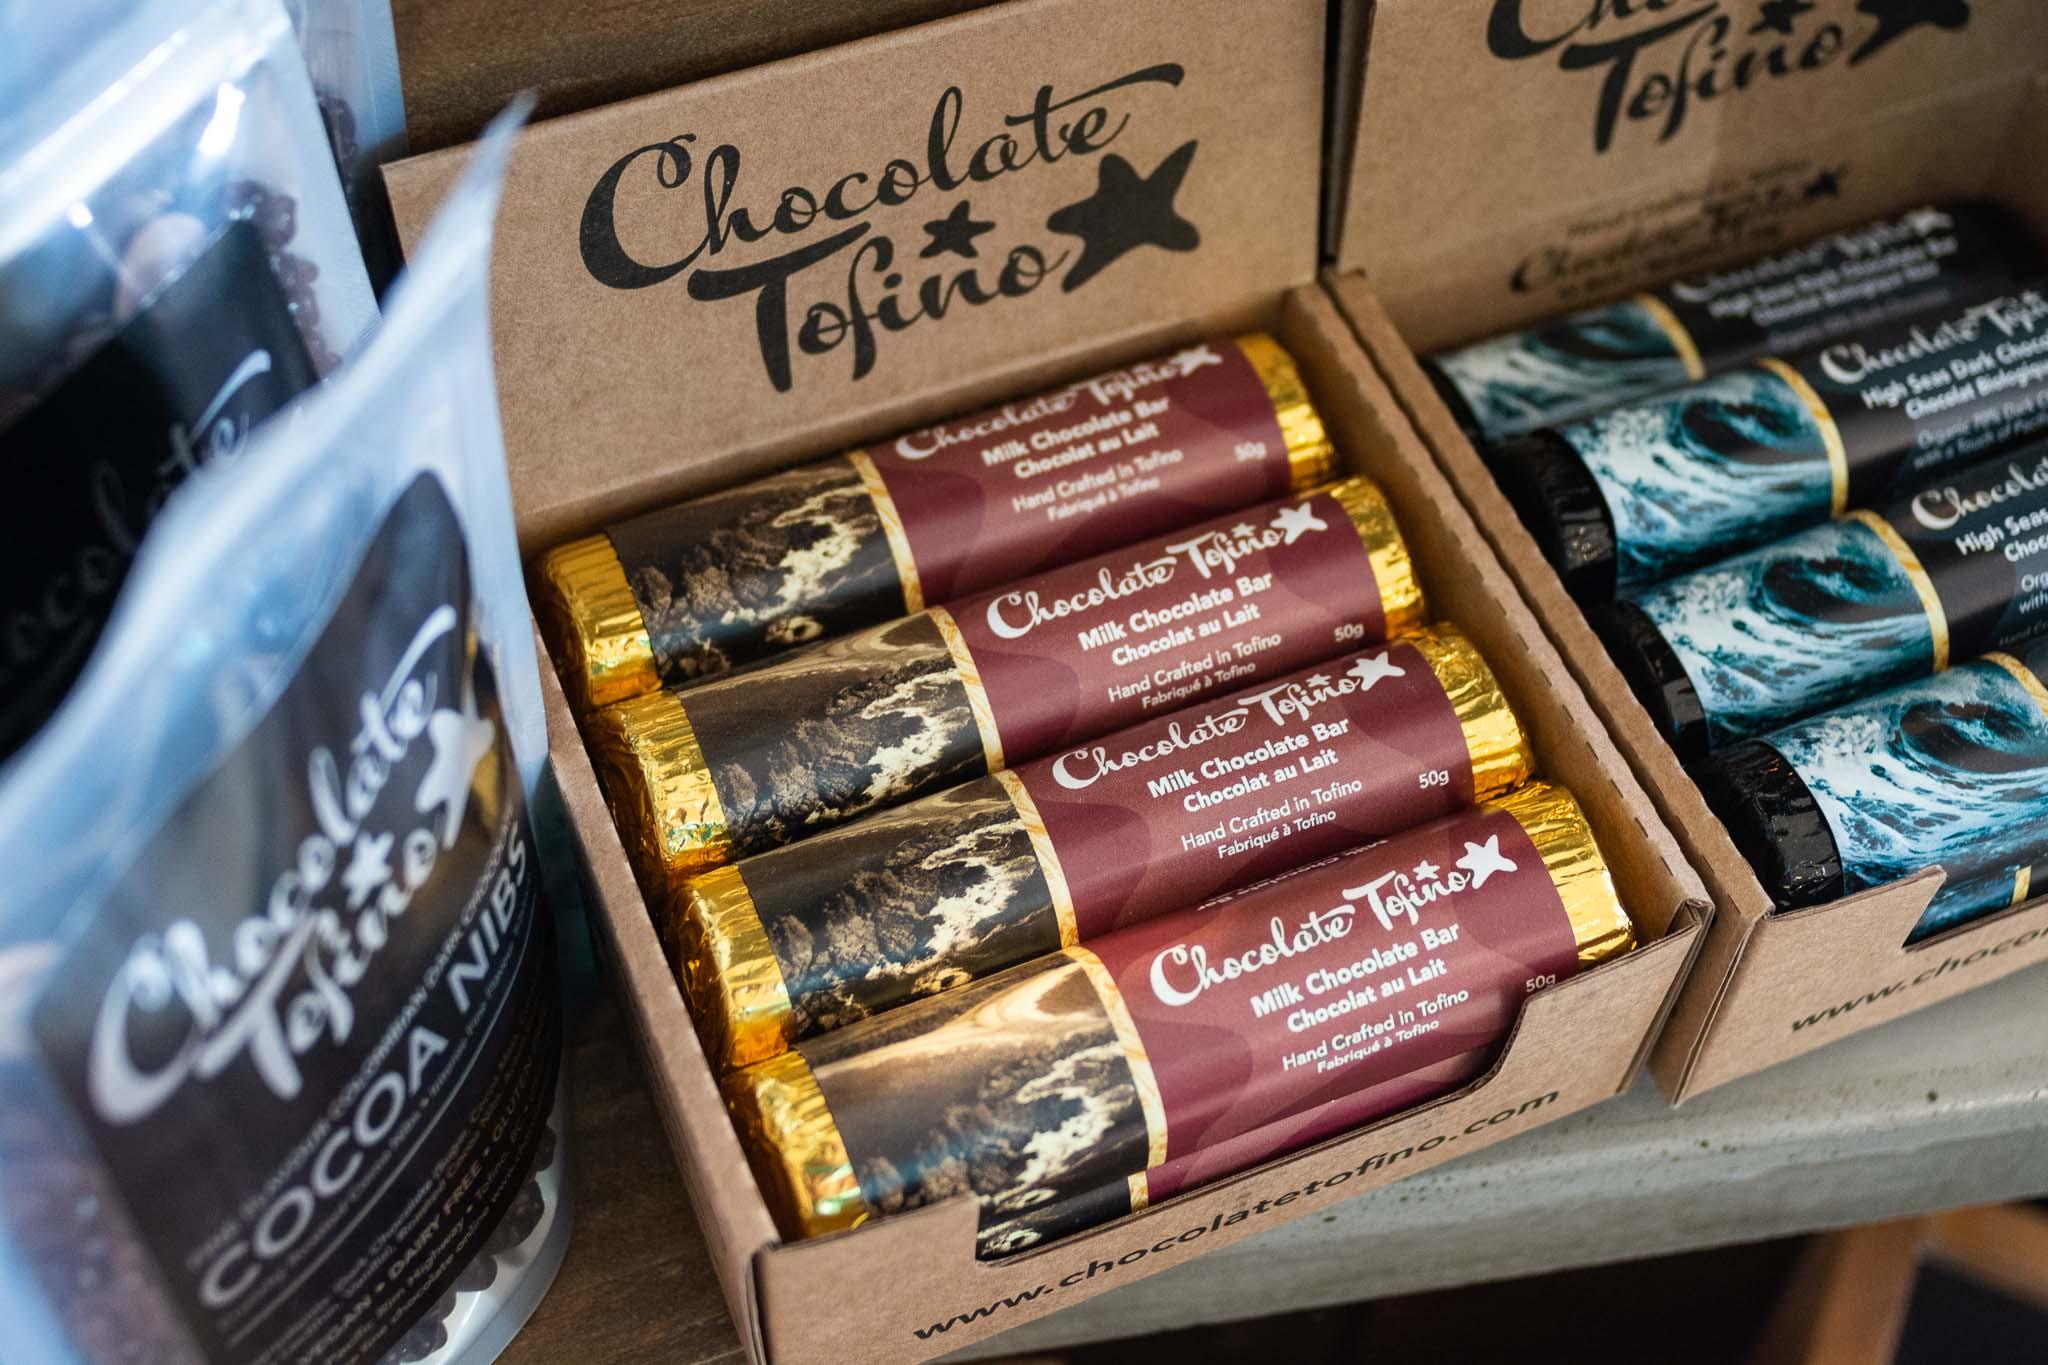 Milk Chocolate Bar by Chocolate Tofino